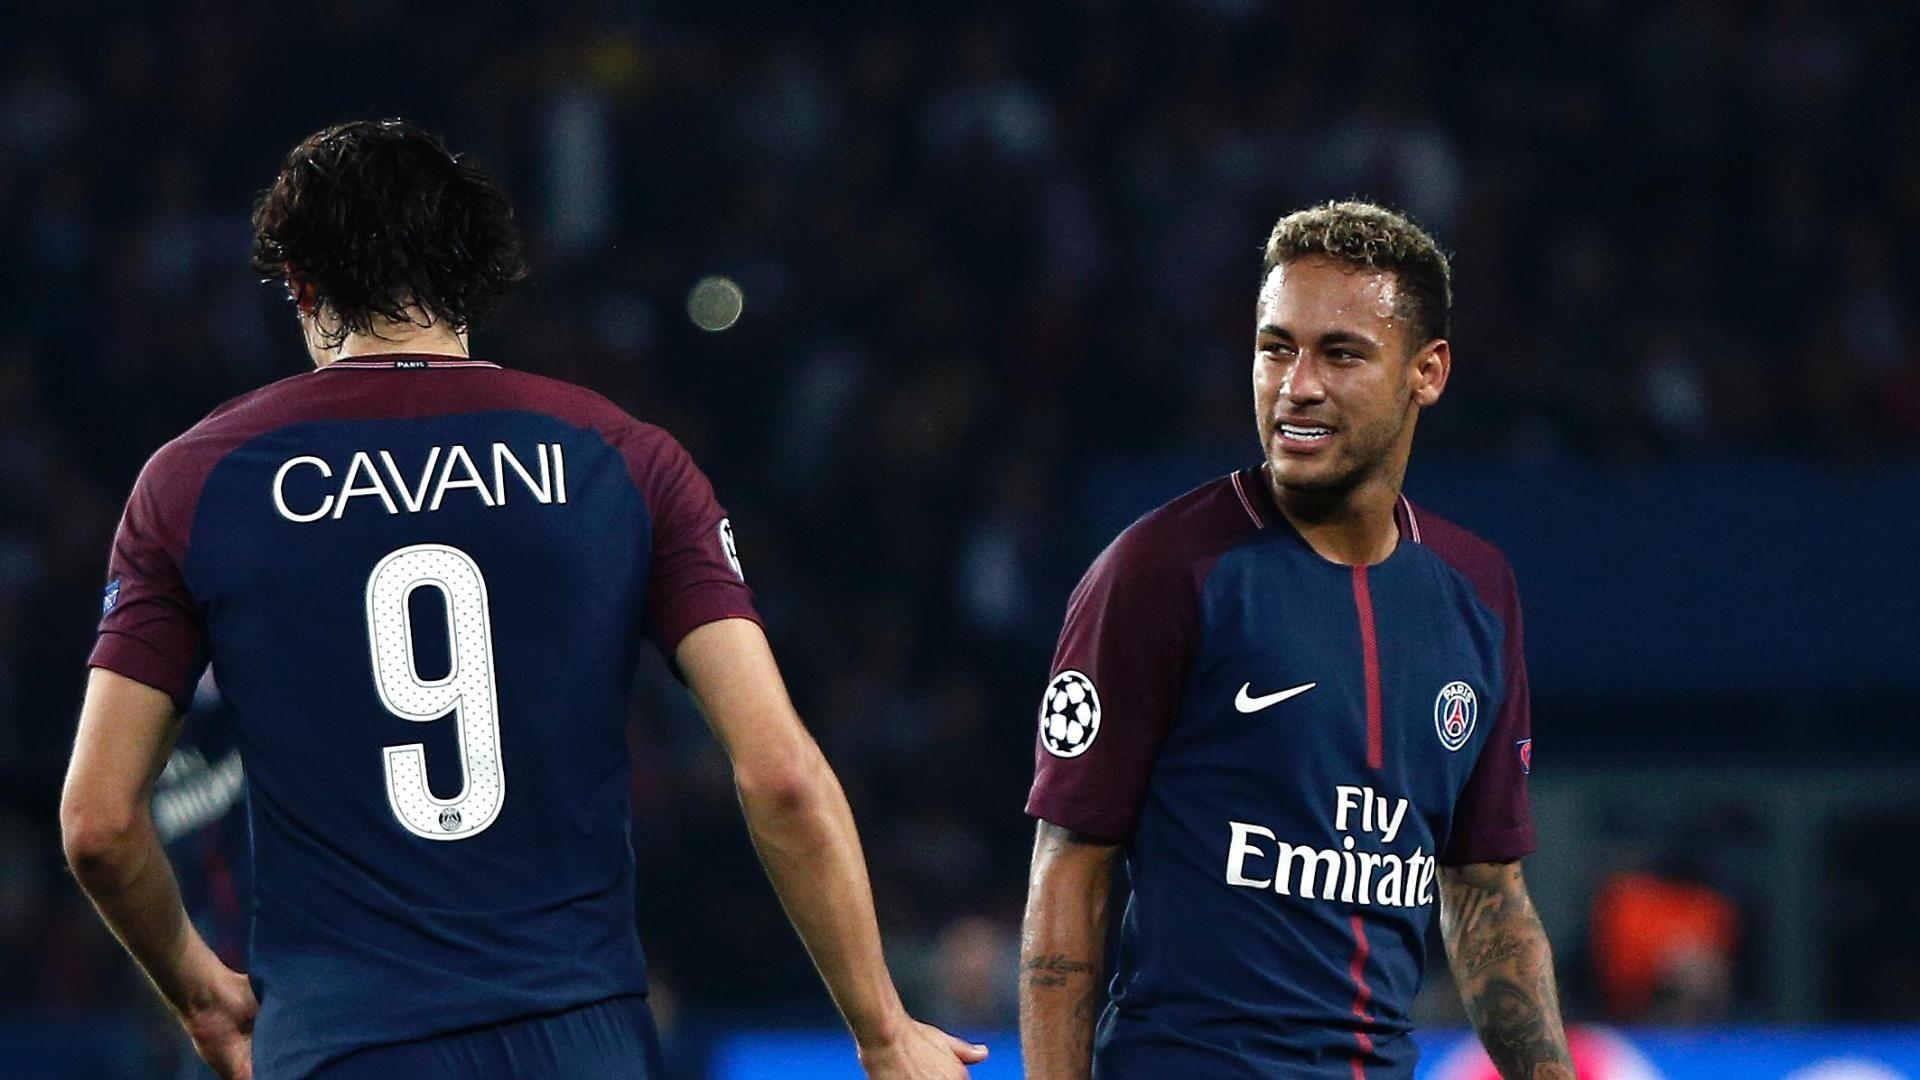 Cavani reveló cómo solucionó los problemas con Neymar